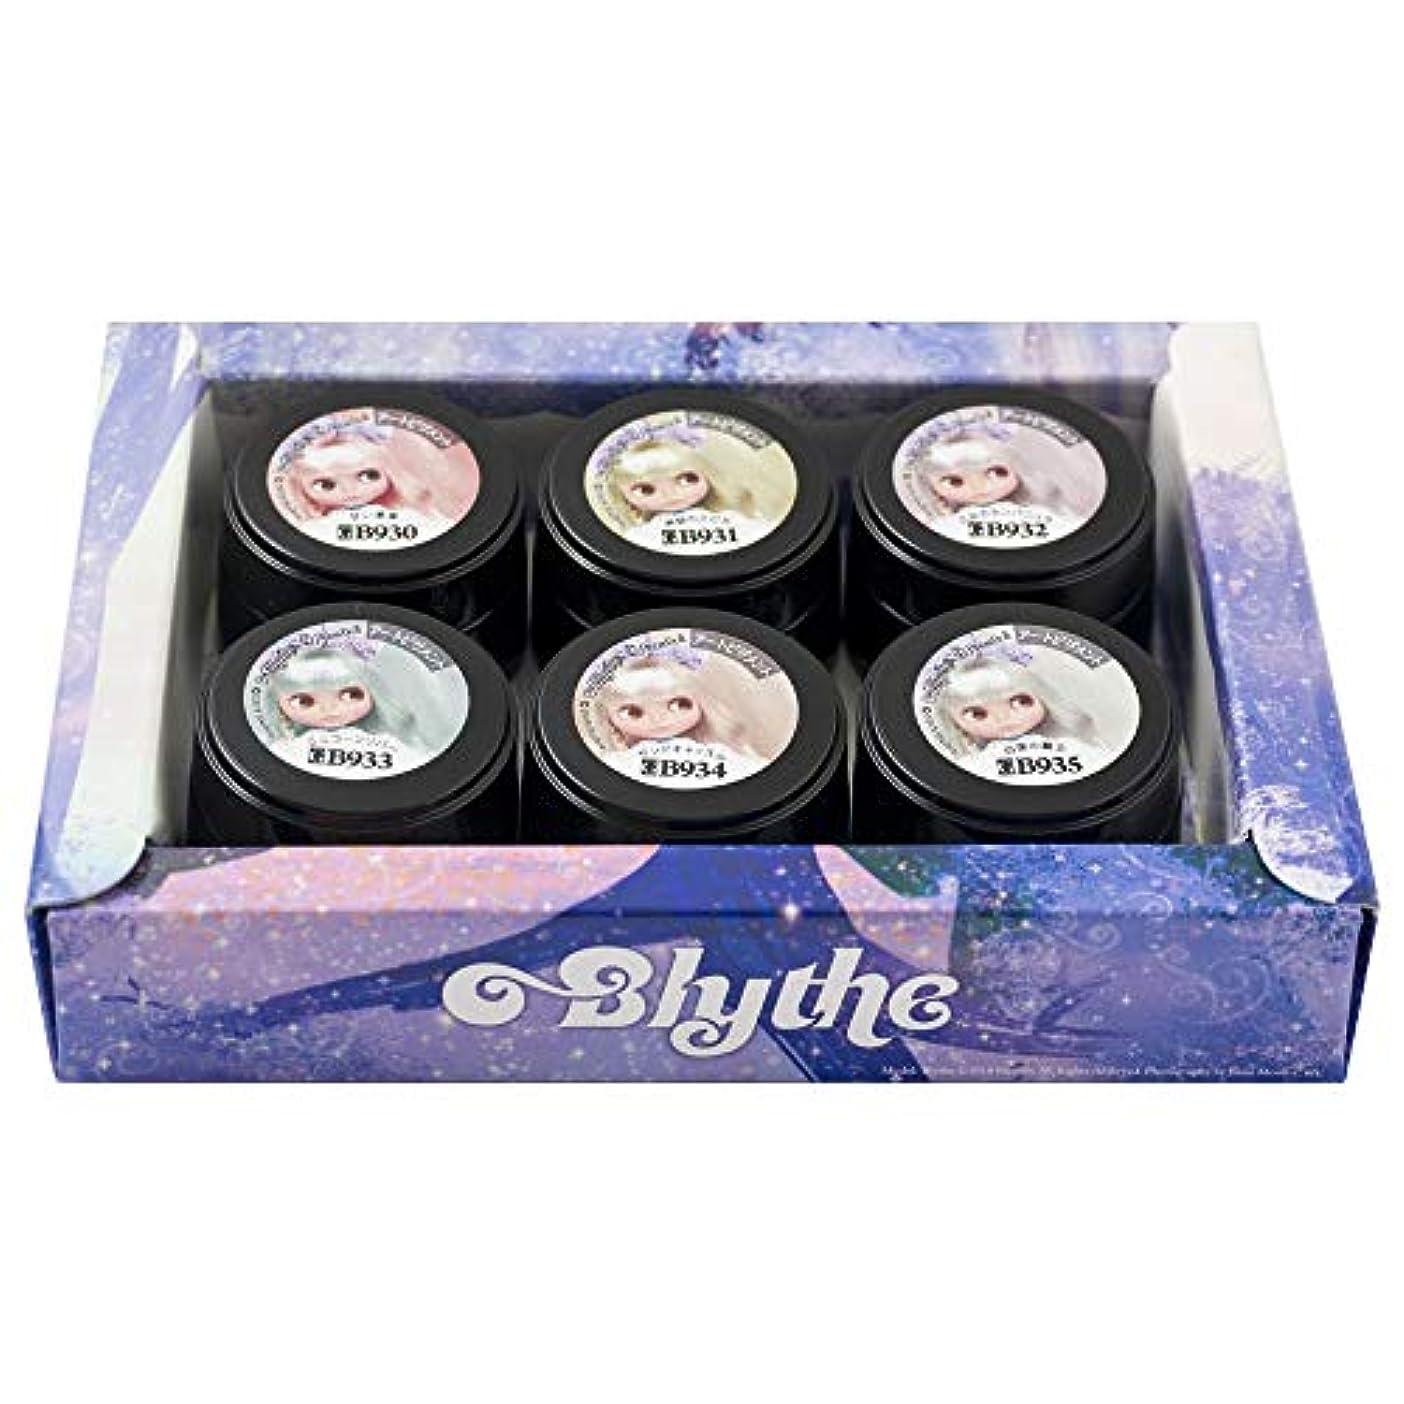 ブロック飼い慣らす暴力的なPRE GEL(プリジェル) PRE GEL プリムドール ユニコーンメイデン6色セット UV/LED対応 ジェルネイル 3g×6個